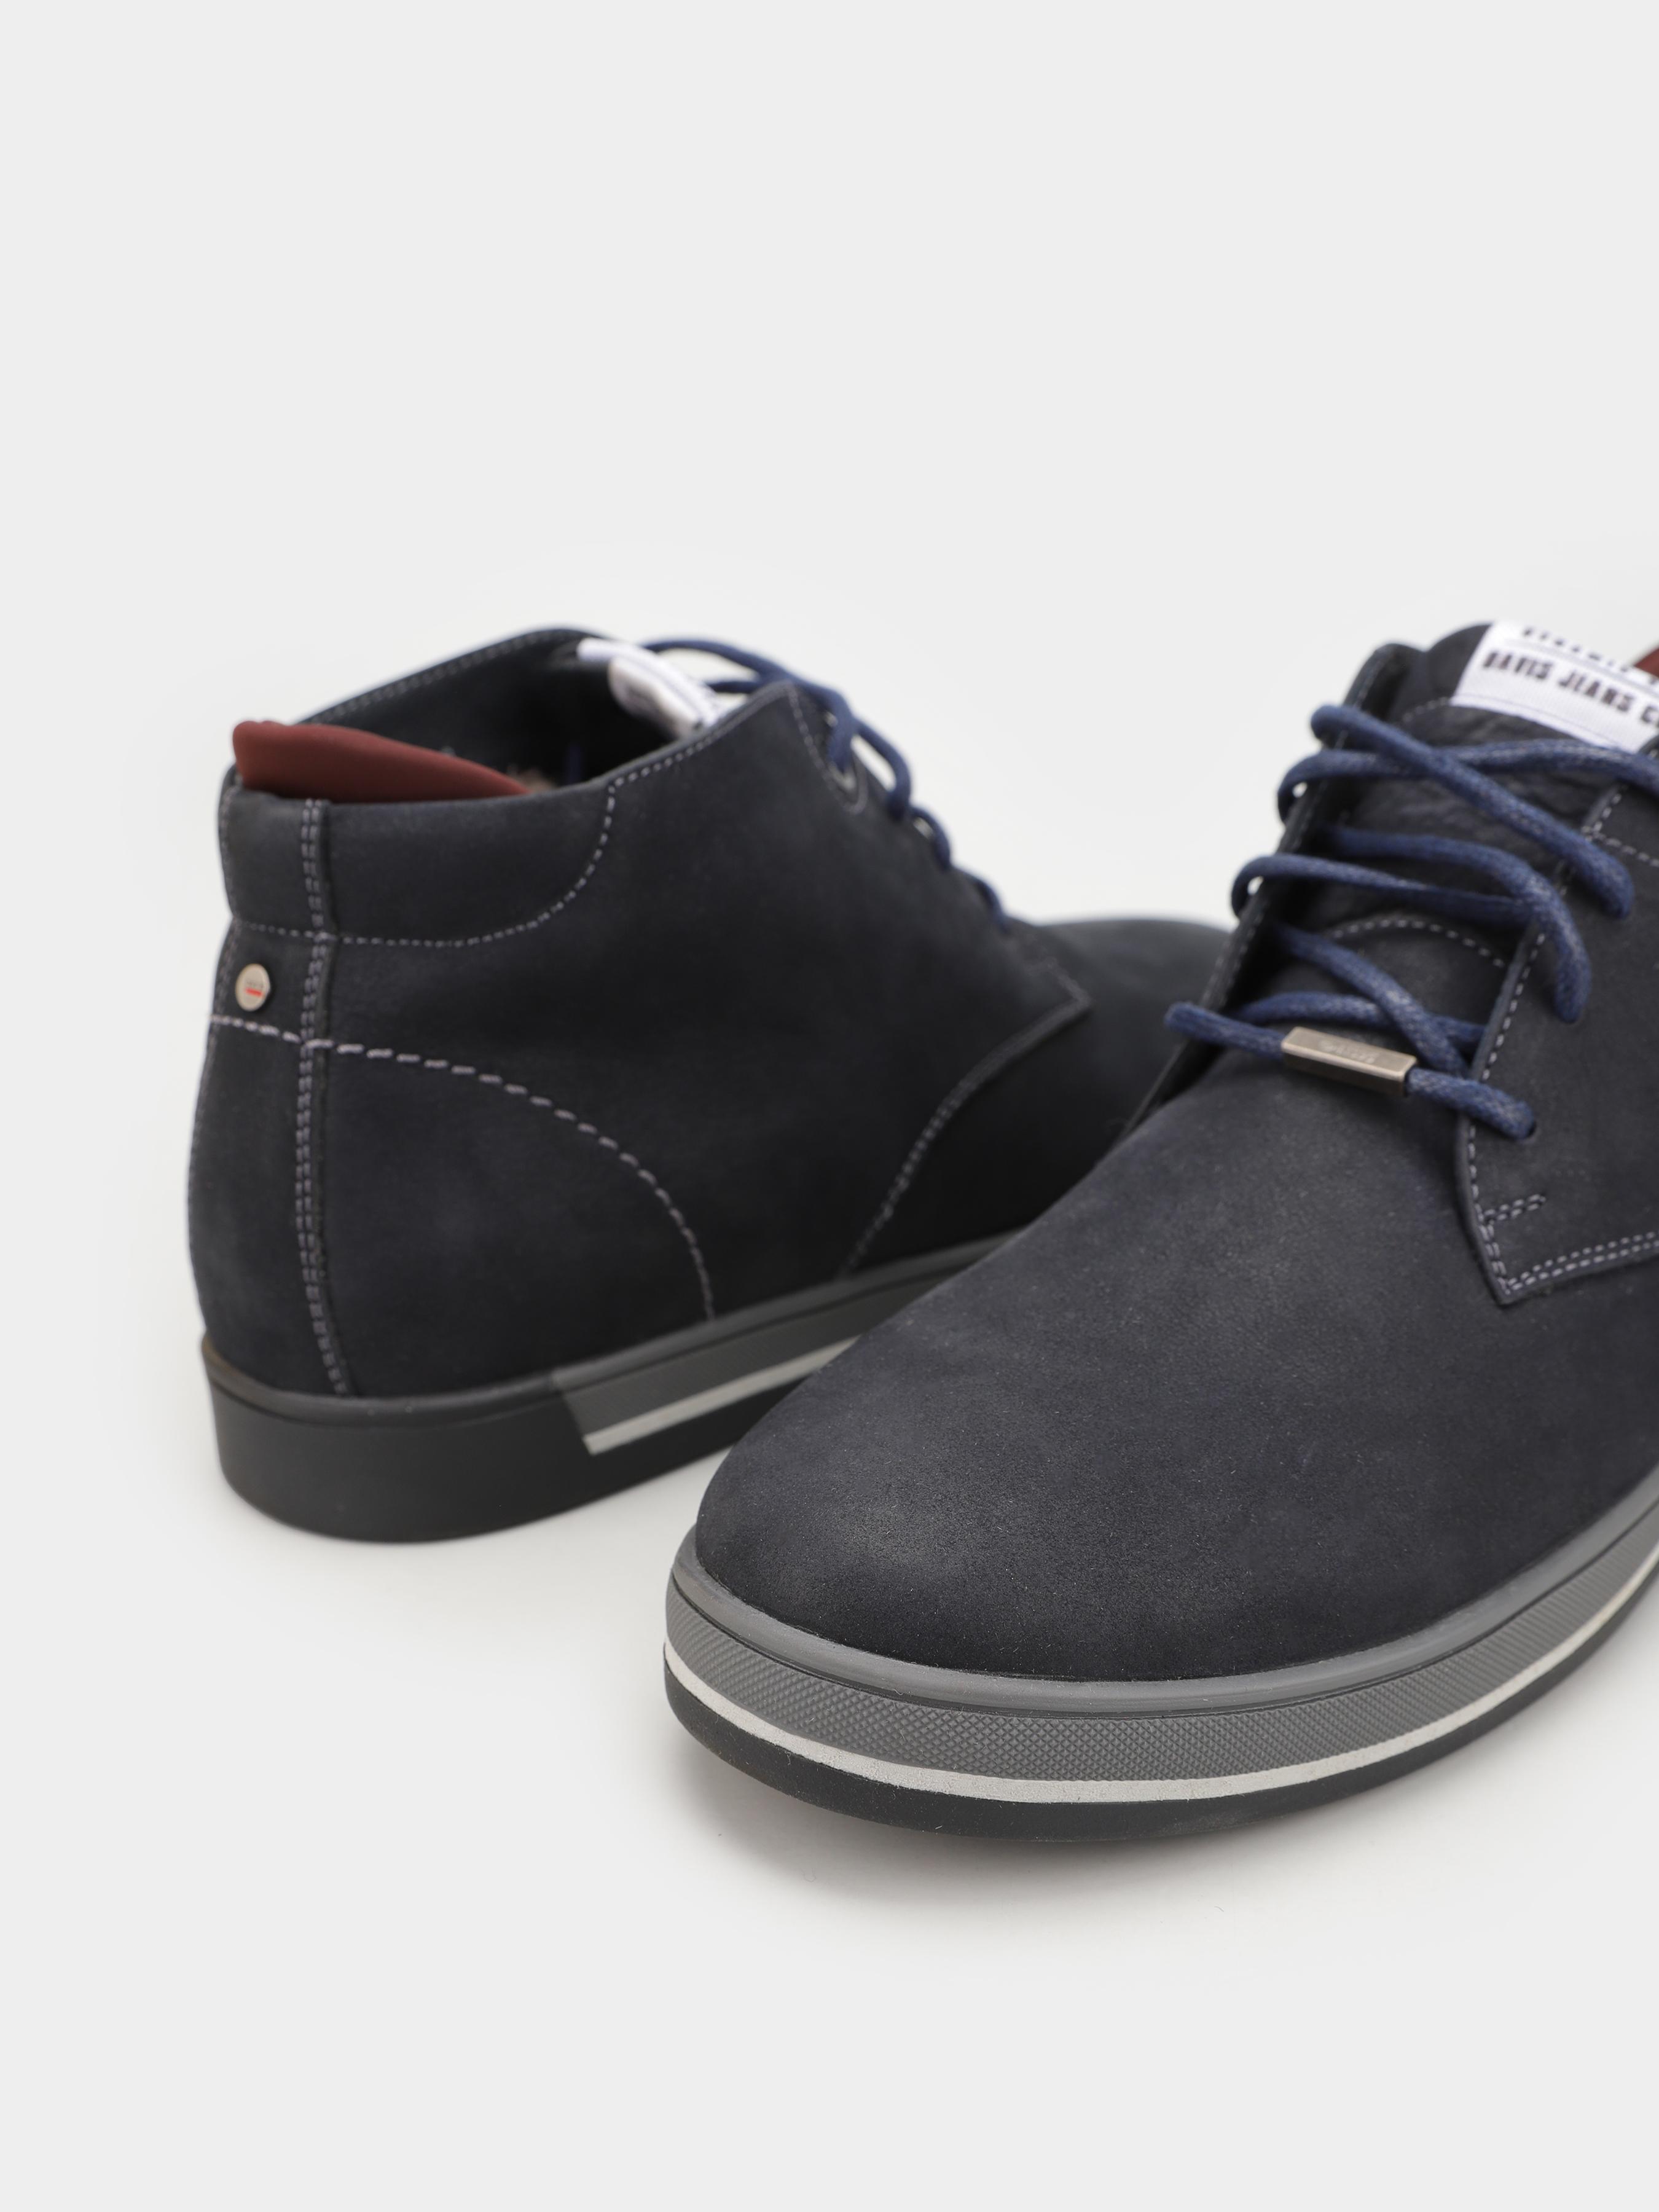 Напівчеревики  для чоловіків Davis dynamic shoes 1909-63 ціна, 2017